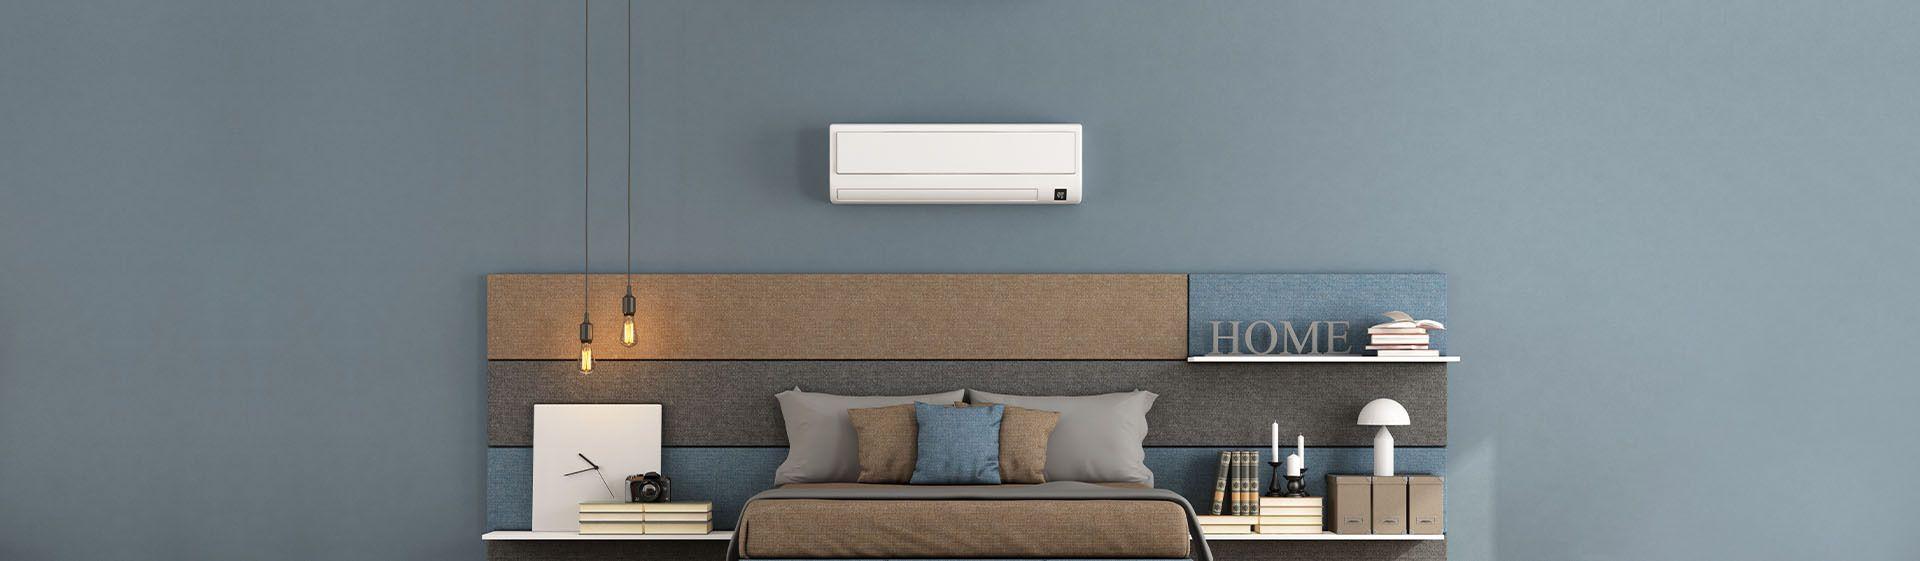 Ar-condicionado para quarto: veja como calcular a potência certa